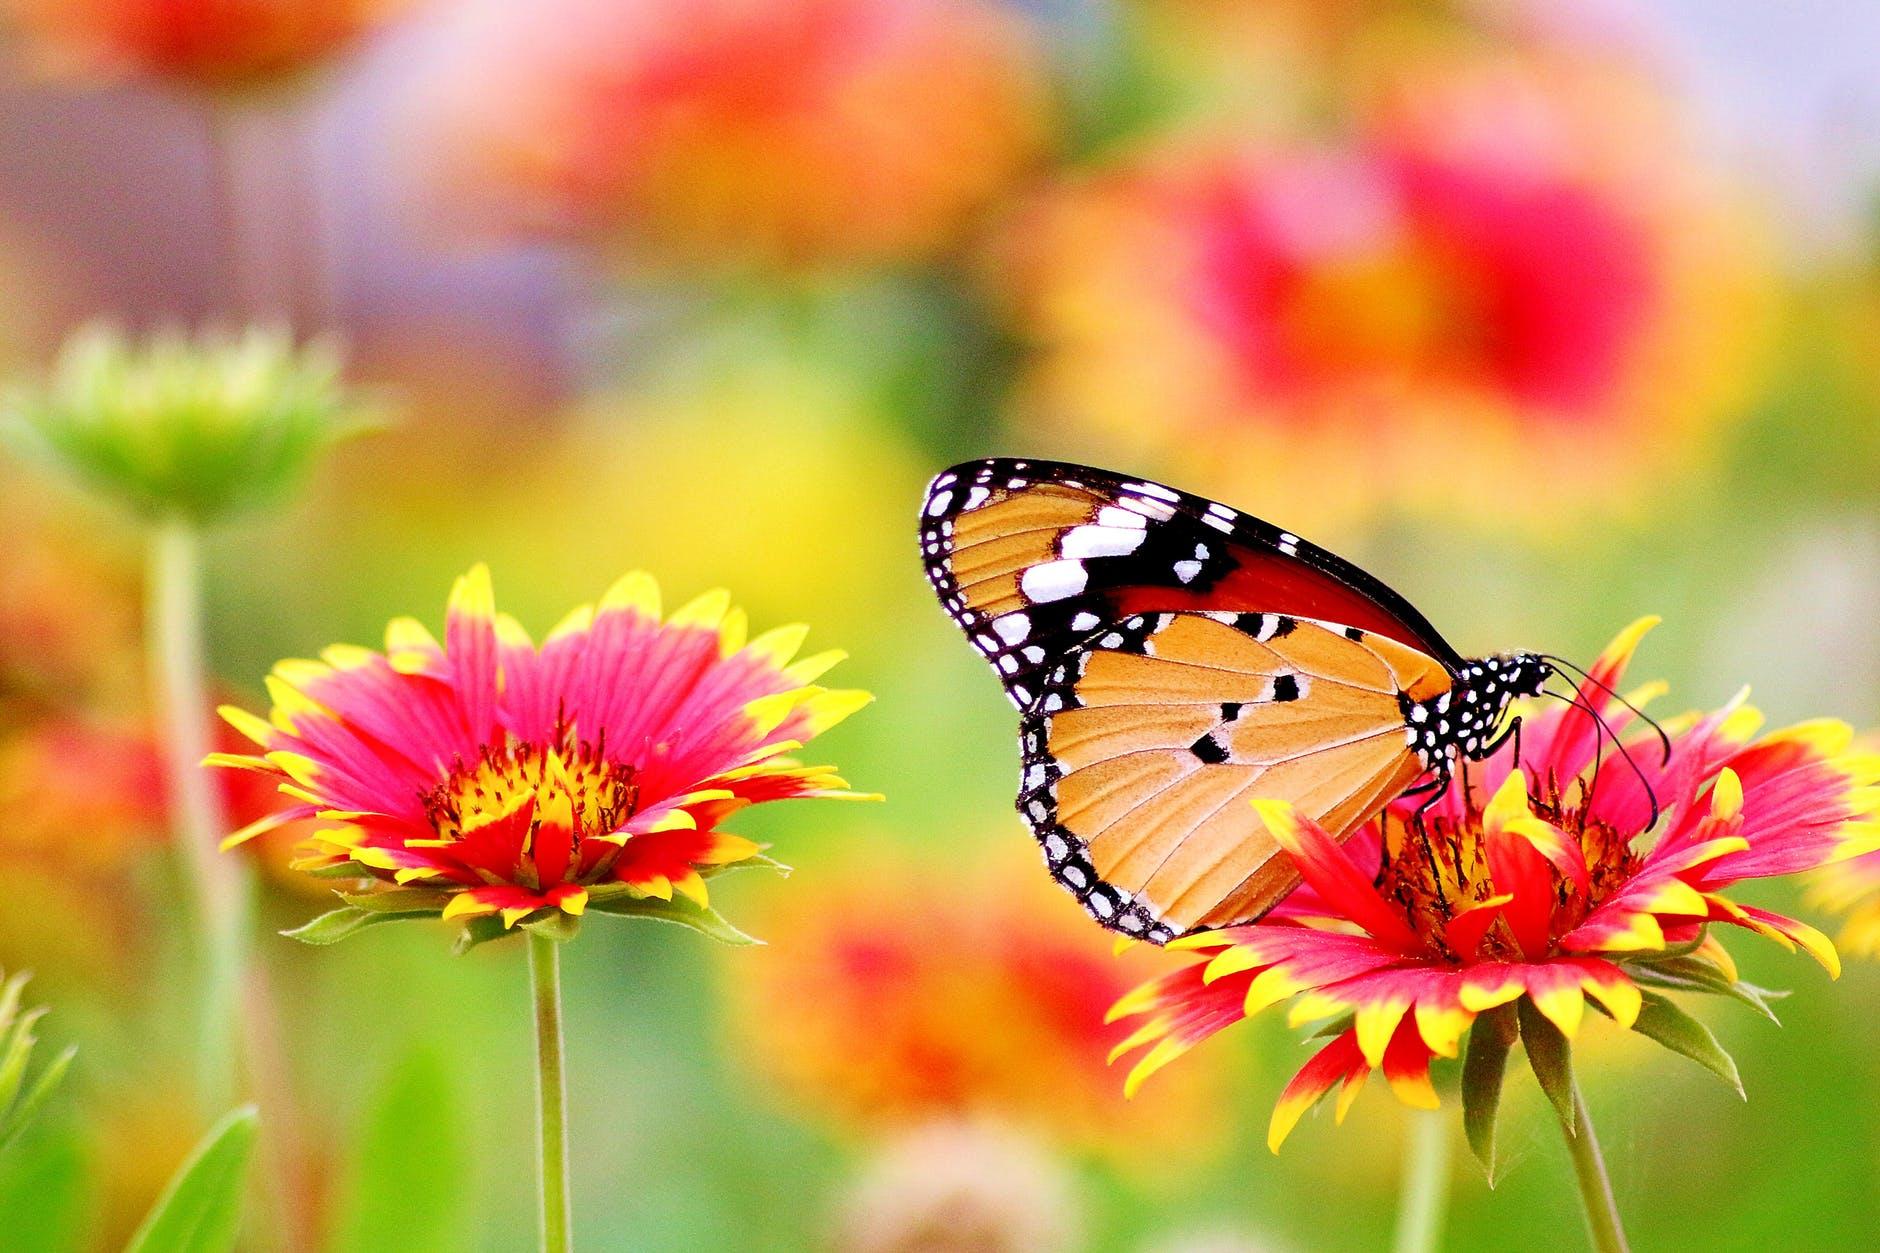 Flower Wallpapers 4k Butterfly Colorful Flower Hd Flowers 1805